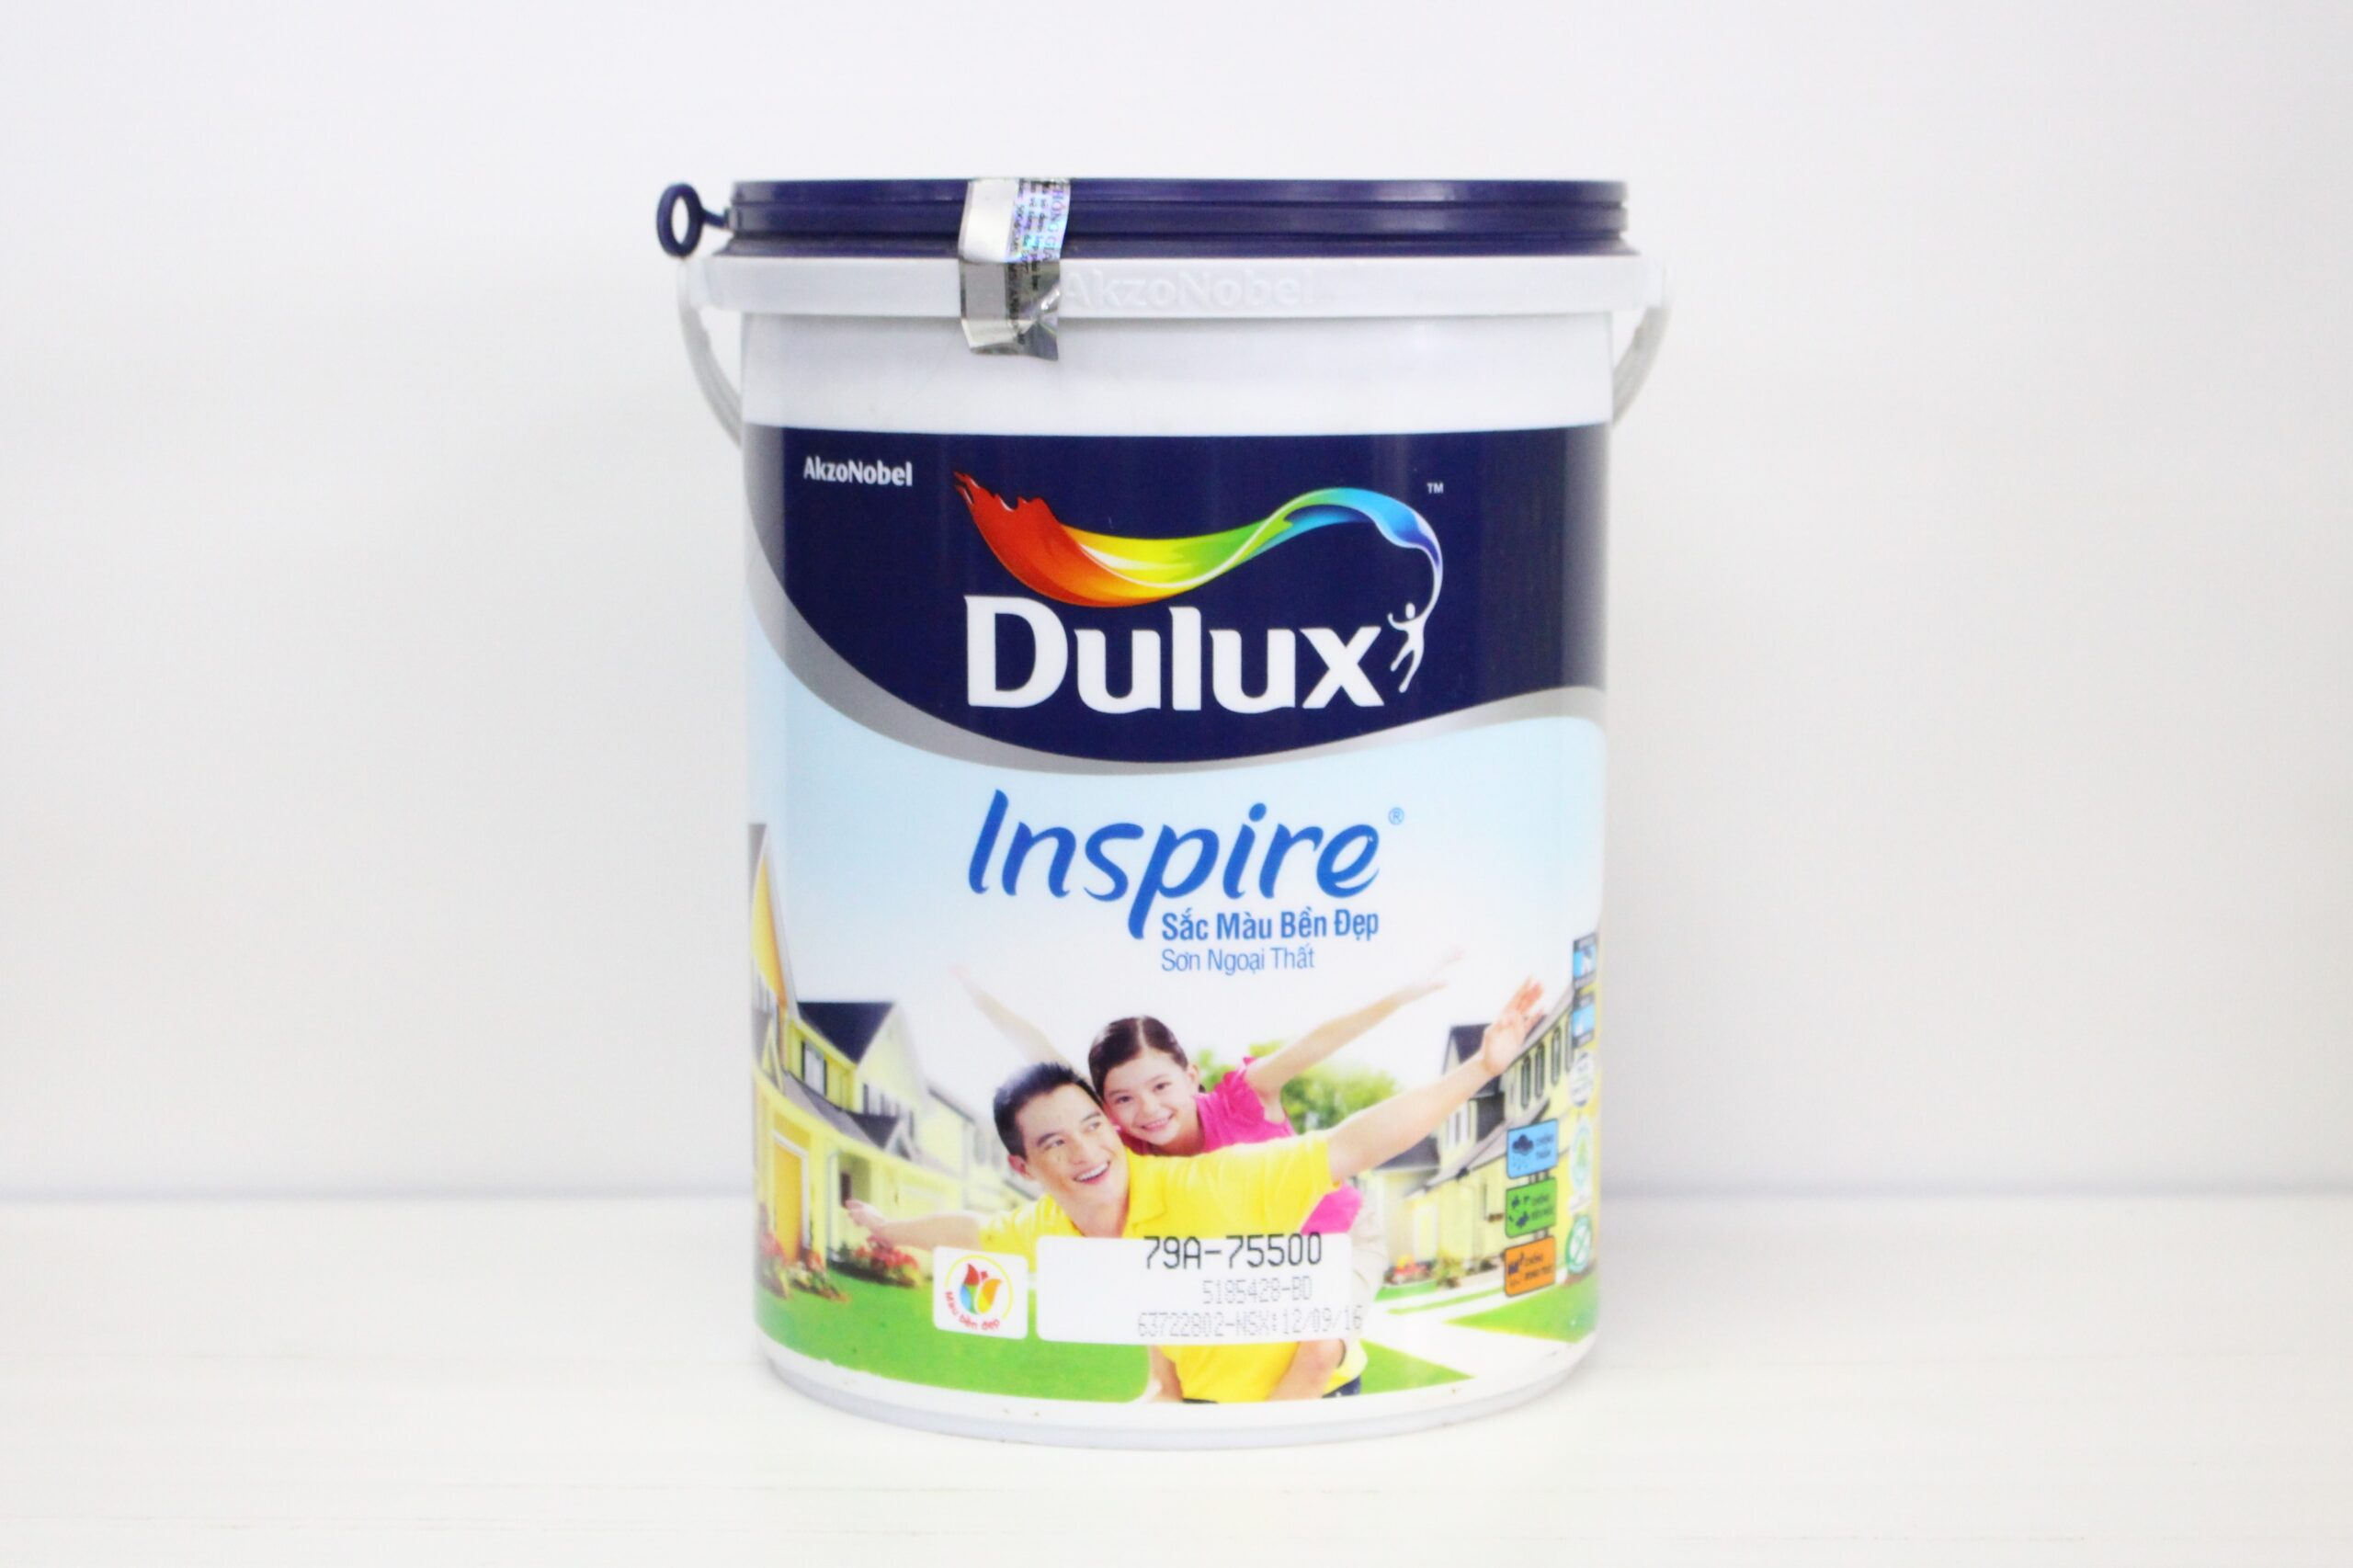 son dulux inspire ngoai that